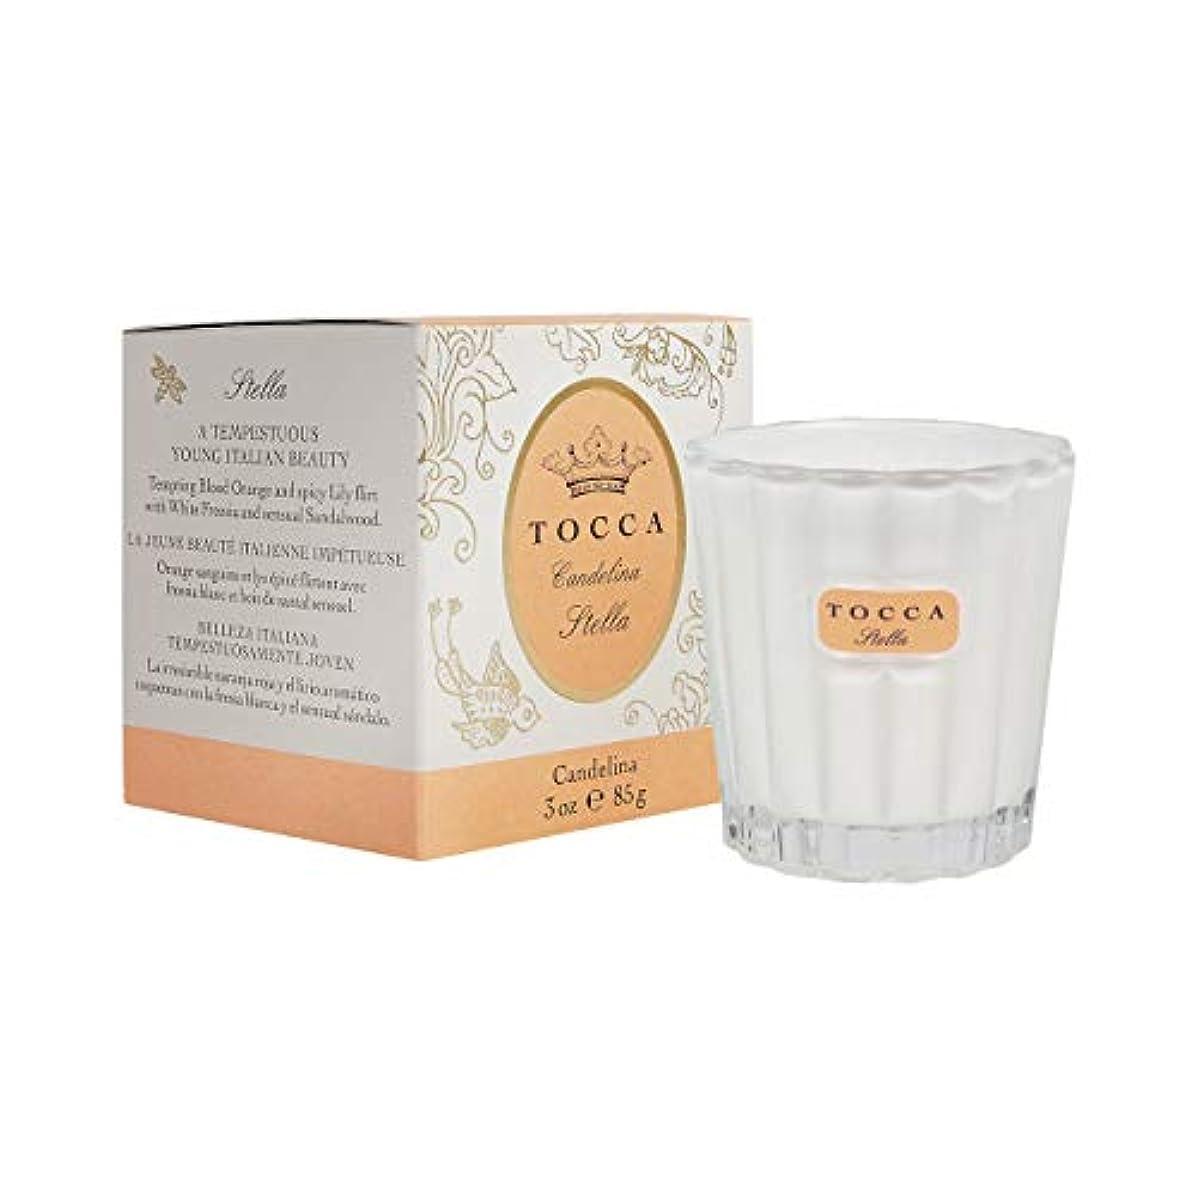 刈り取るめ言葉メンダシティトッカ(TOCCA) キャンデリーナ ステラの香り 約85g (キャンドル ろうそく フレッシュでビターな香り)